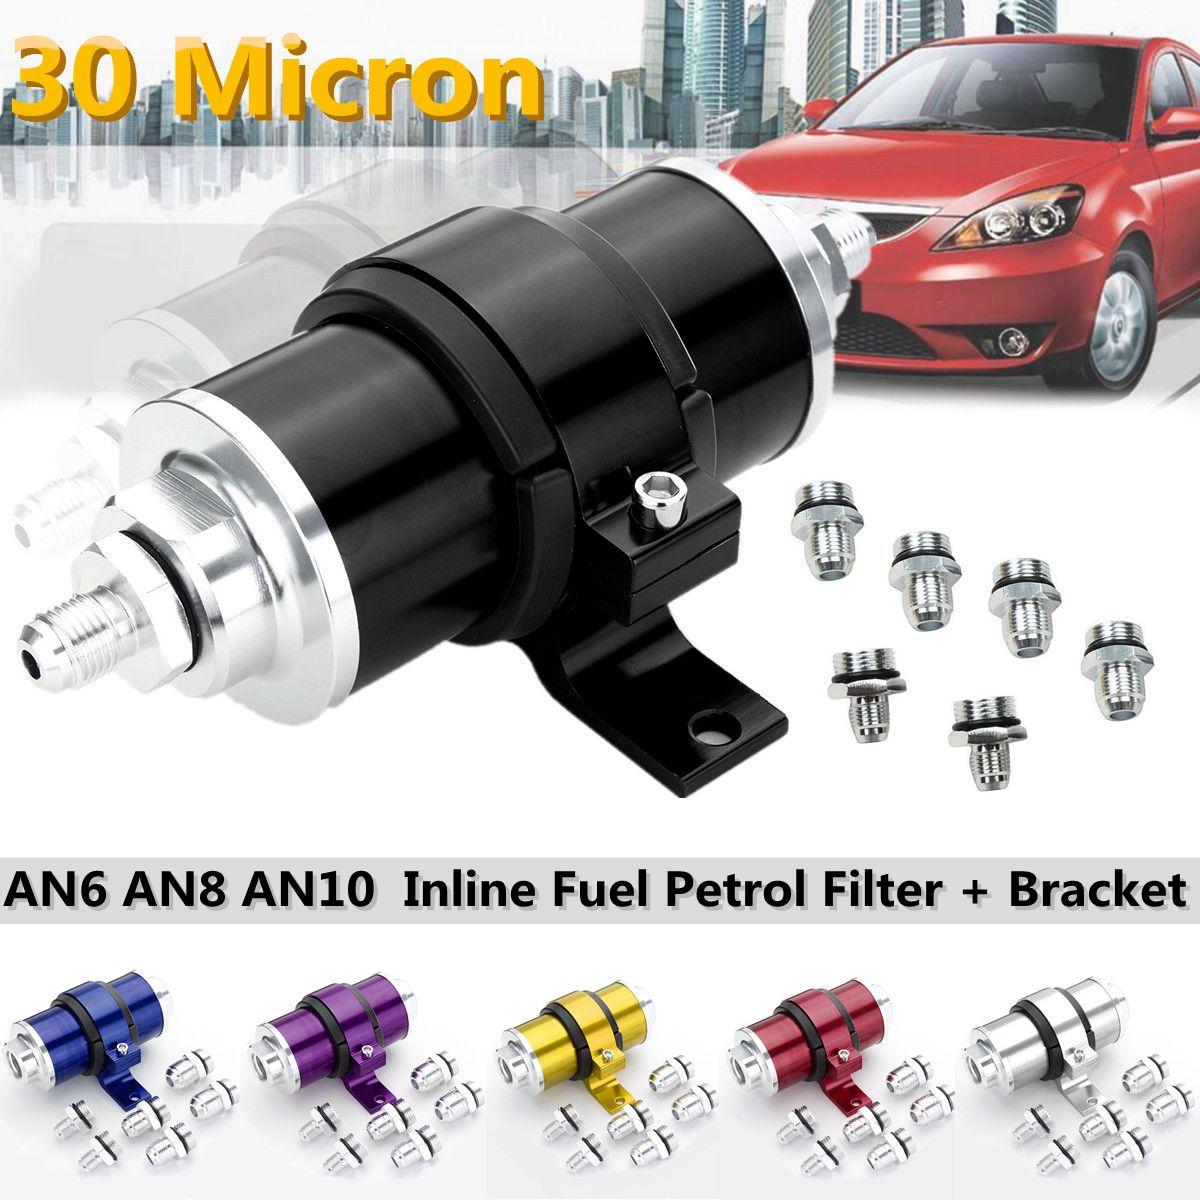 AN6 AN8 AN10 30 Micron Billet Aluminum Inline Fuel Petrol Filter+Bracket